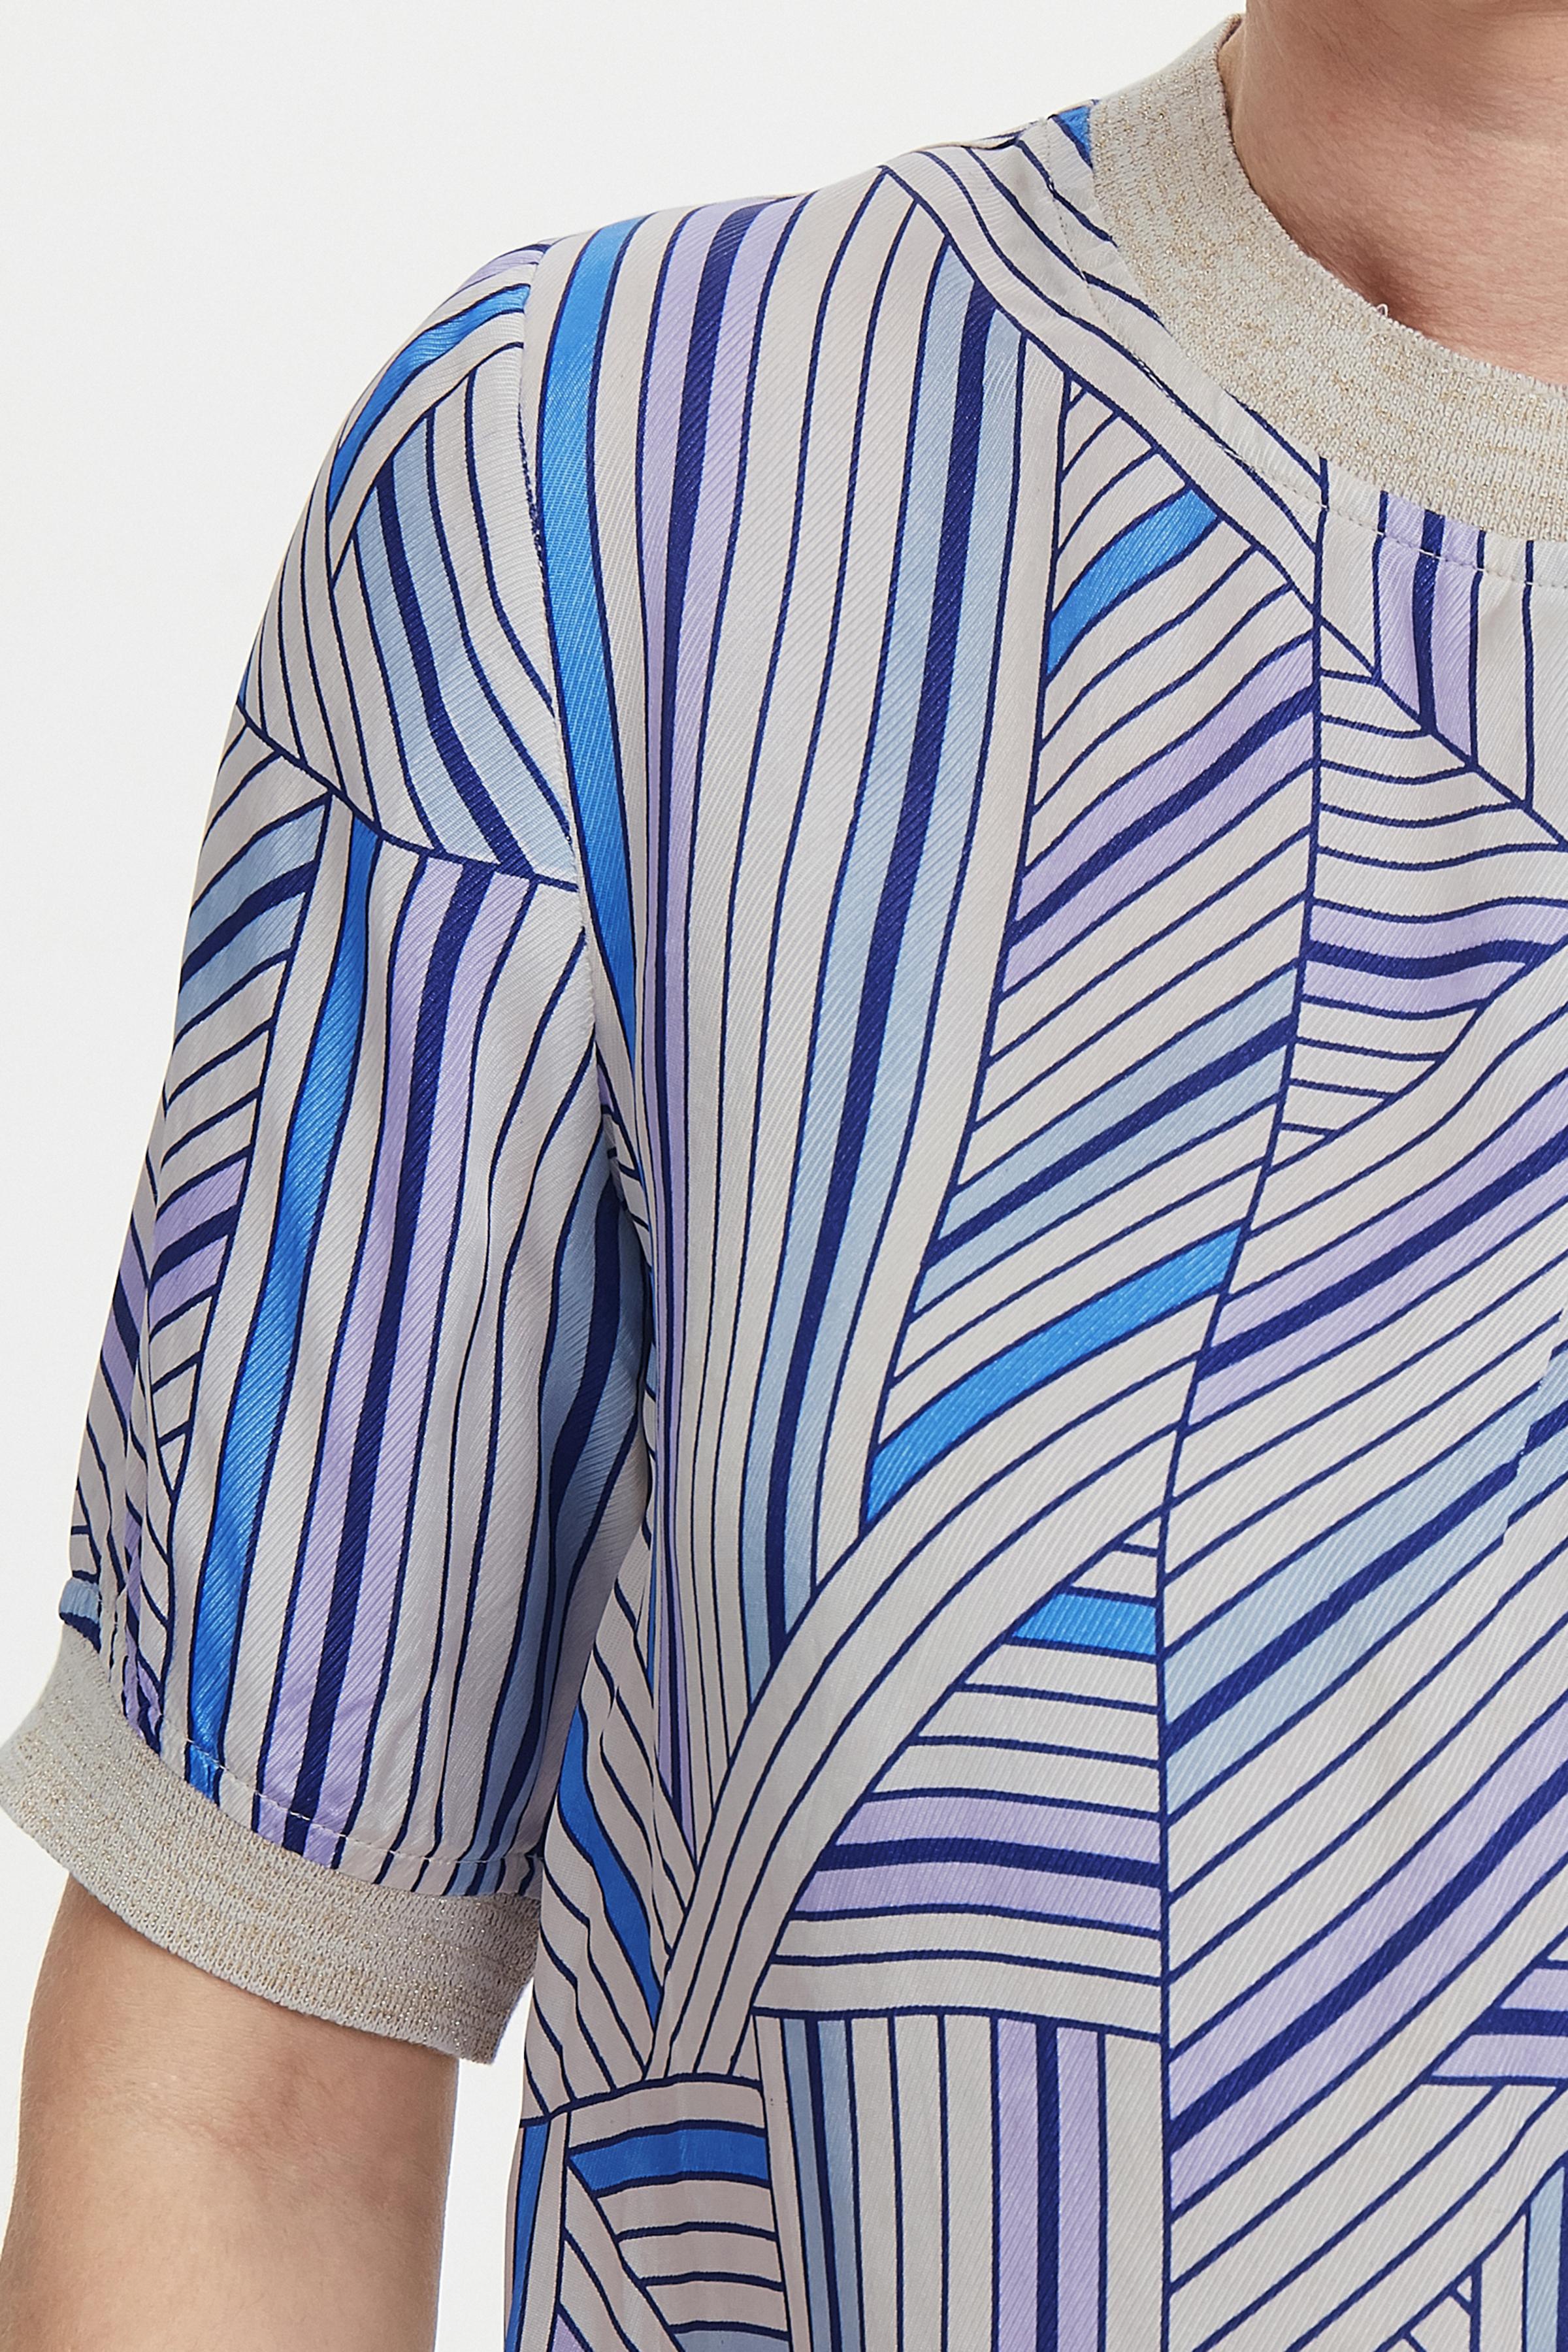 Wollweiß/blau Kurzarm-Bluse  von Dranella – Shoppen Sie Wollweiß/blau Kurzarm-Bluse  ab Gr. XS-XXL hier